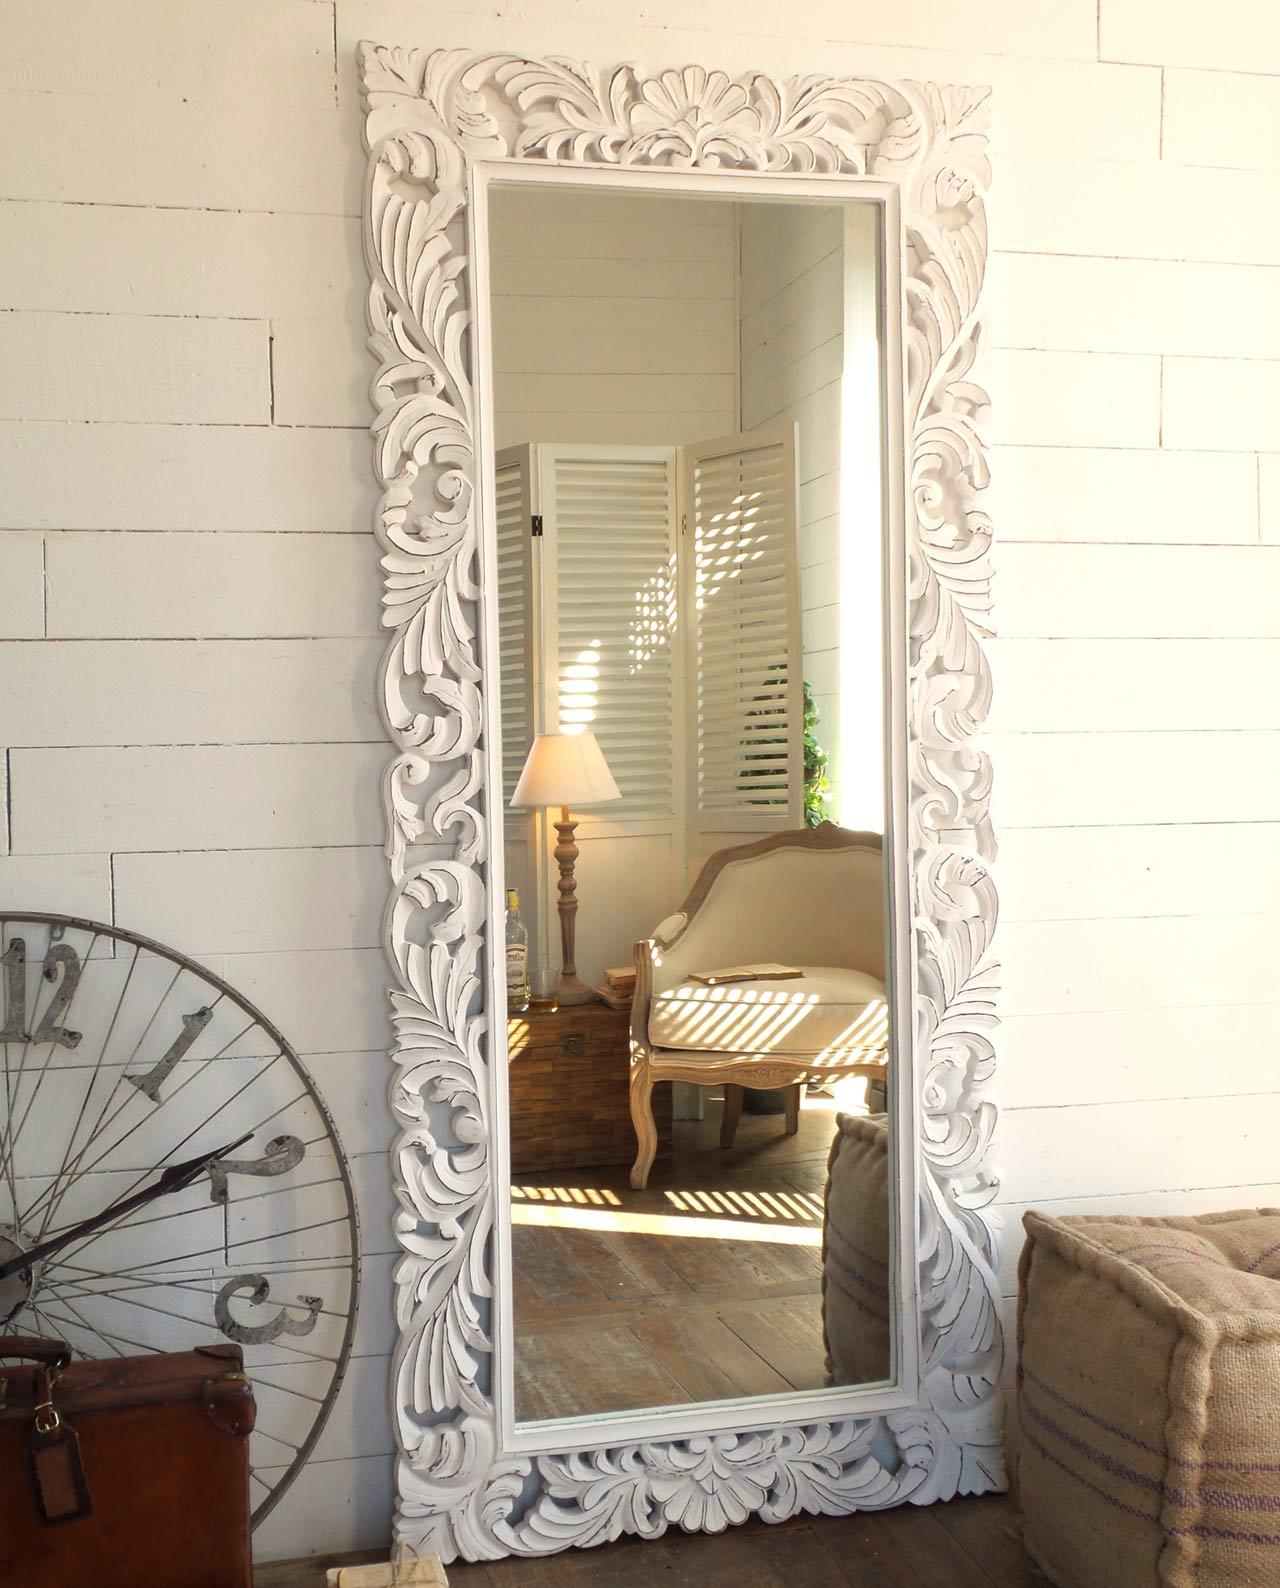 Specchio rettangolare da terra legno intarsiato decapato bianco mobilia store home favours - Specchio ovale da terra ...